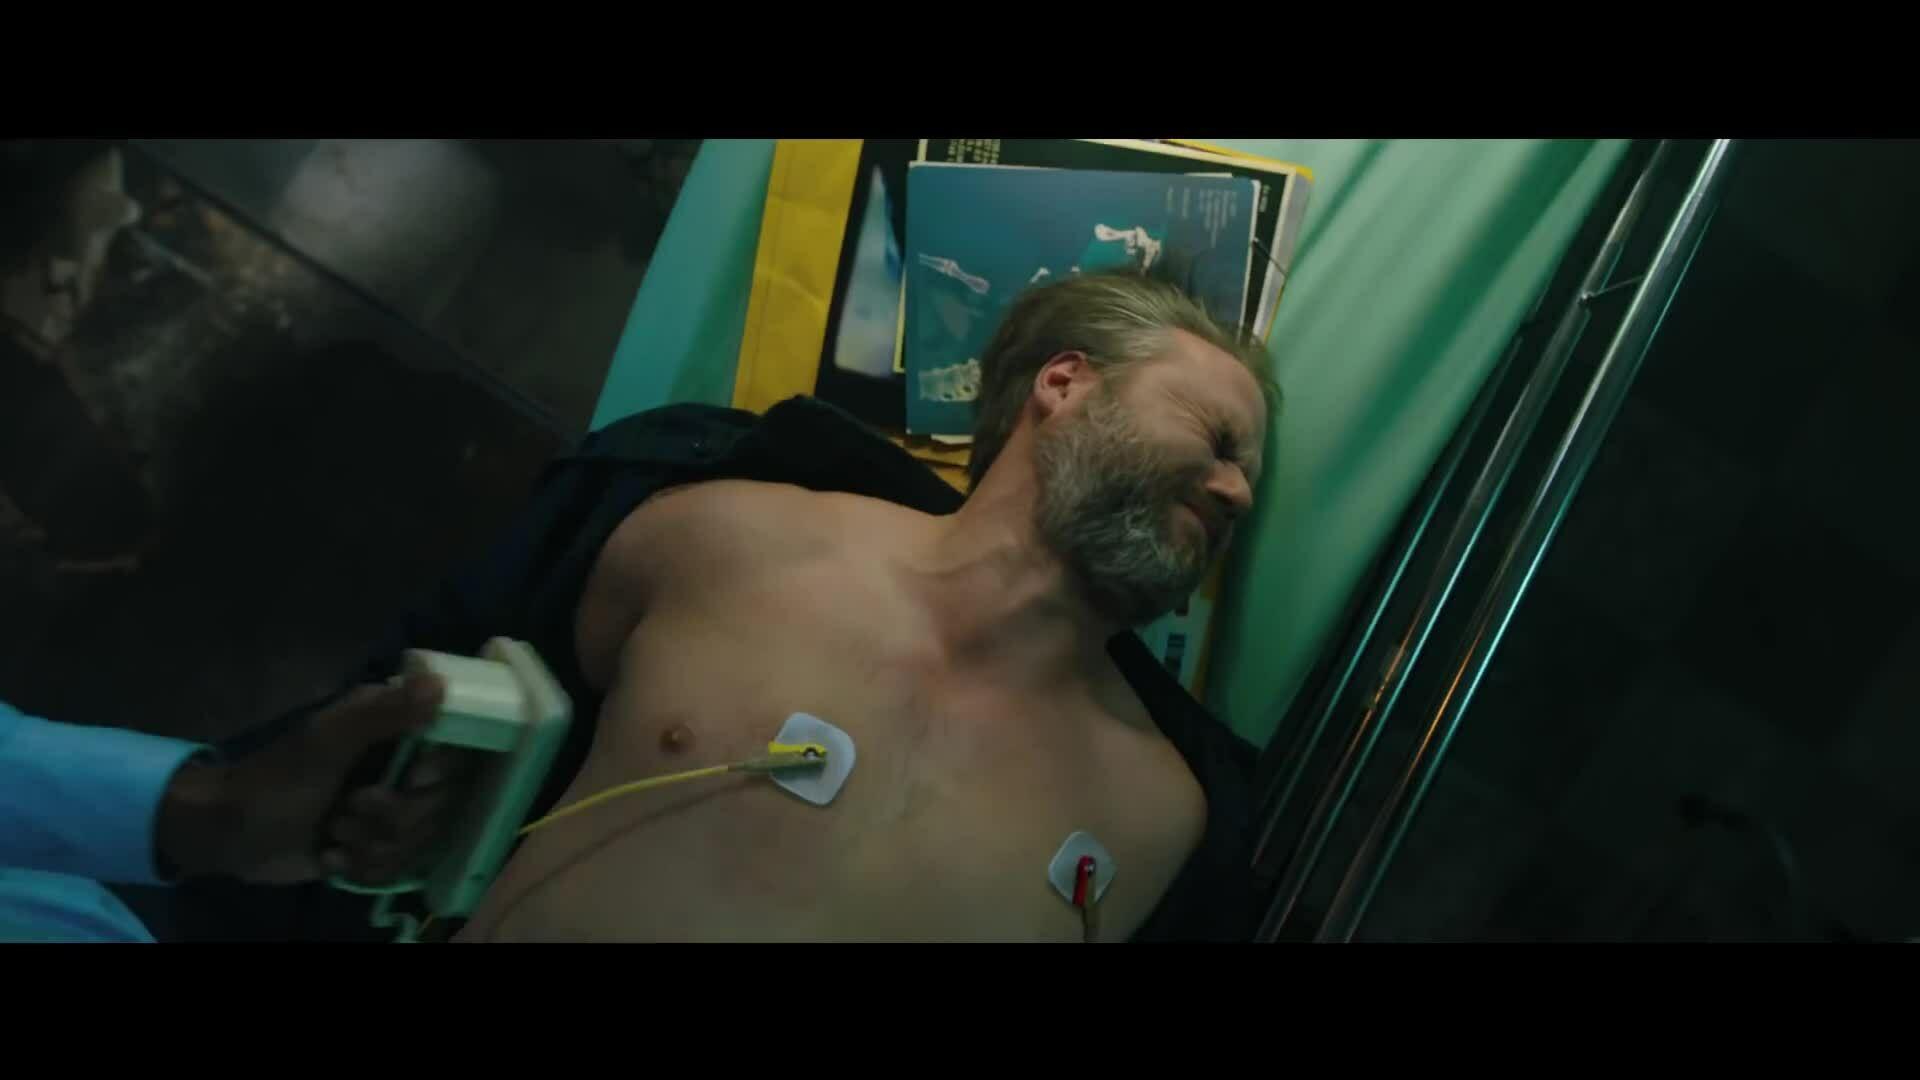 Escape Room Trailer